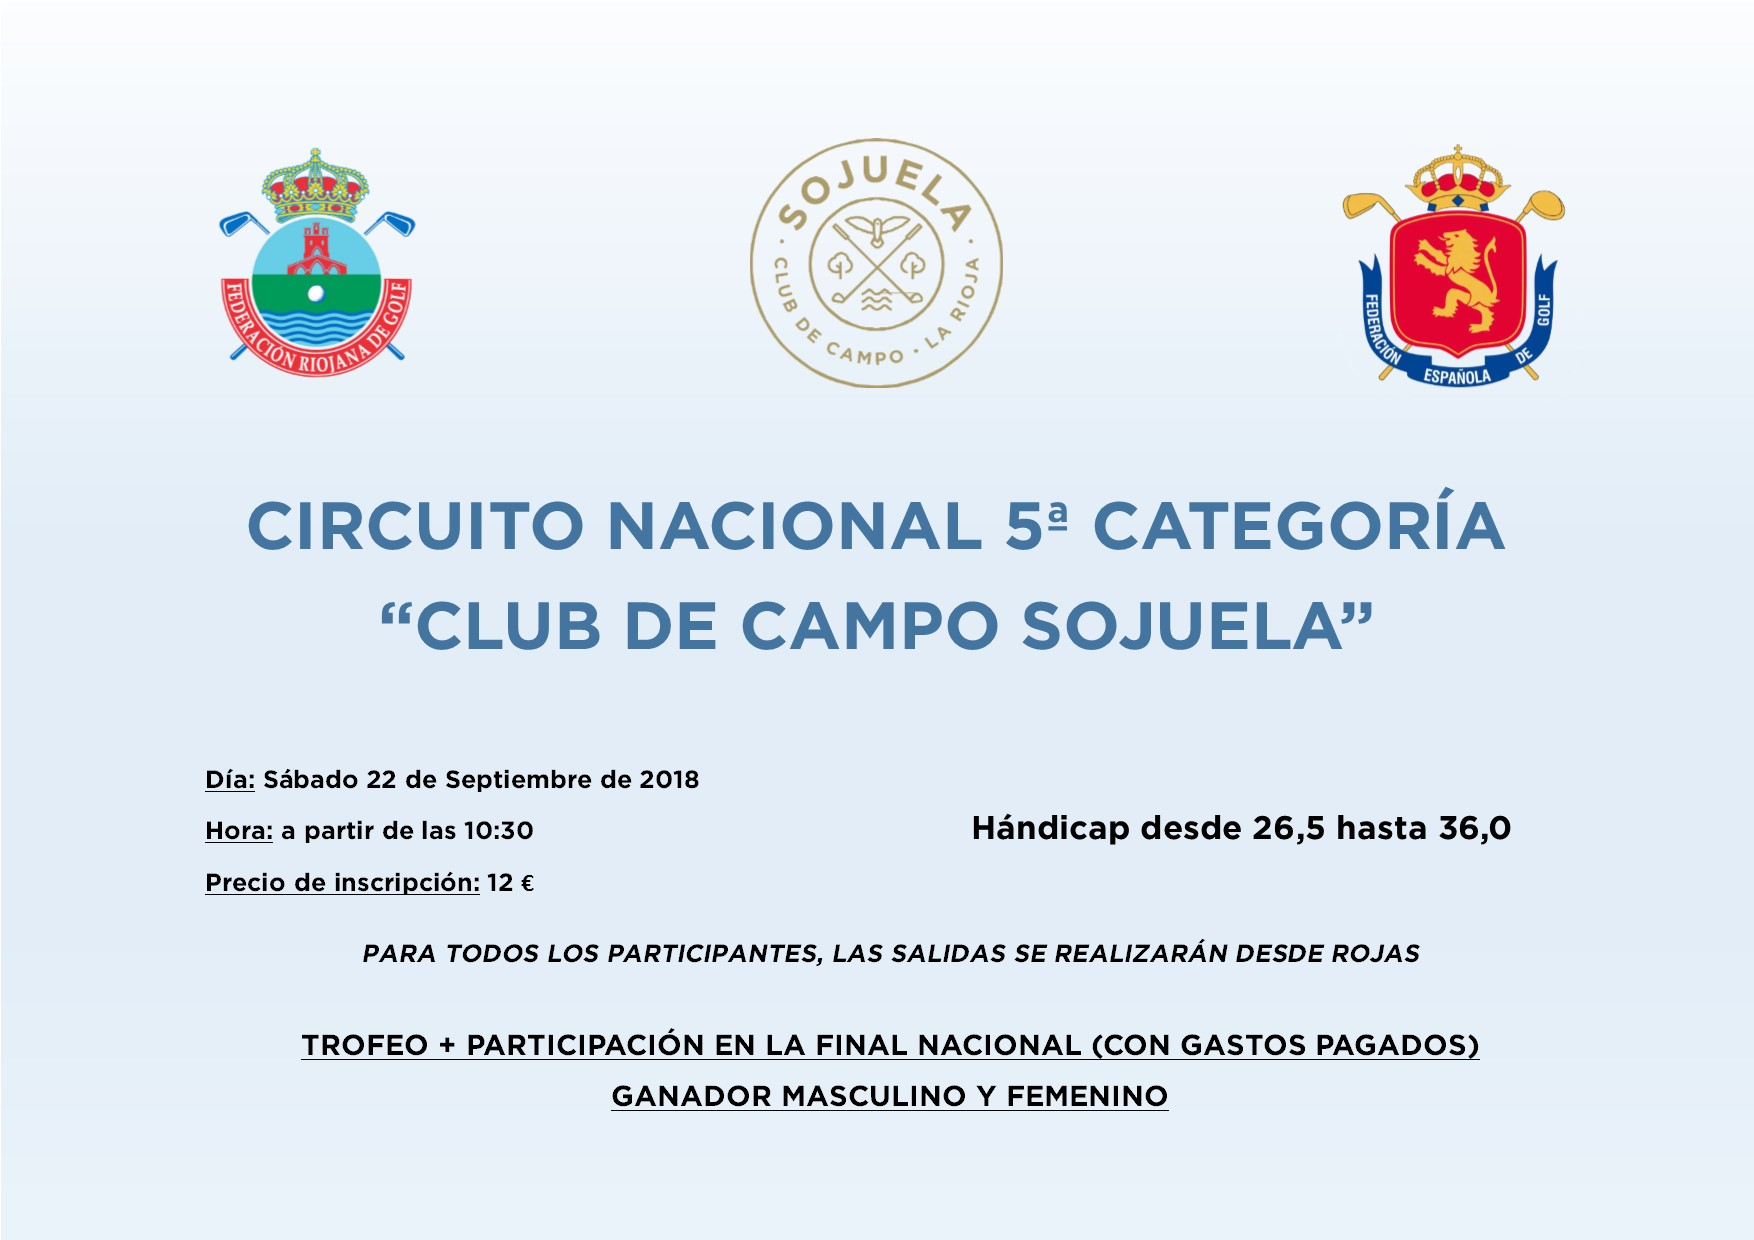 """Circuito Nacional 5ª Categoria """"Club de Campo Sojuela"""""""